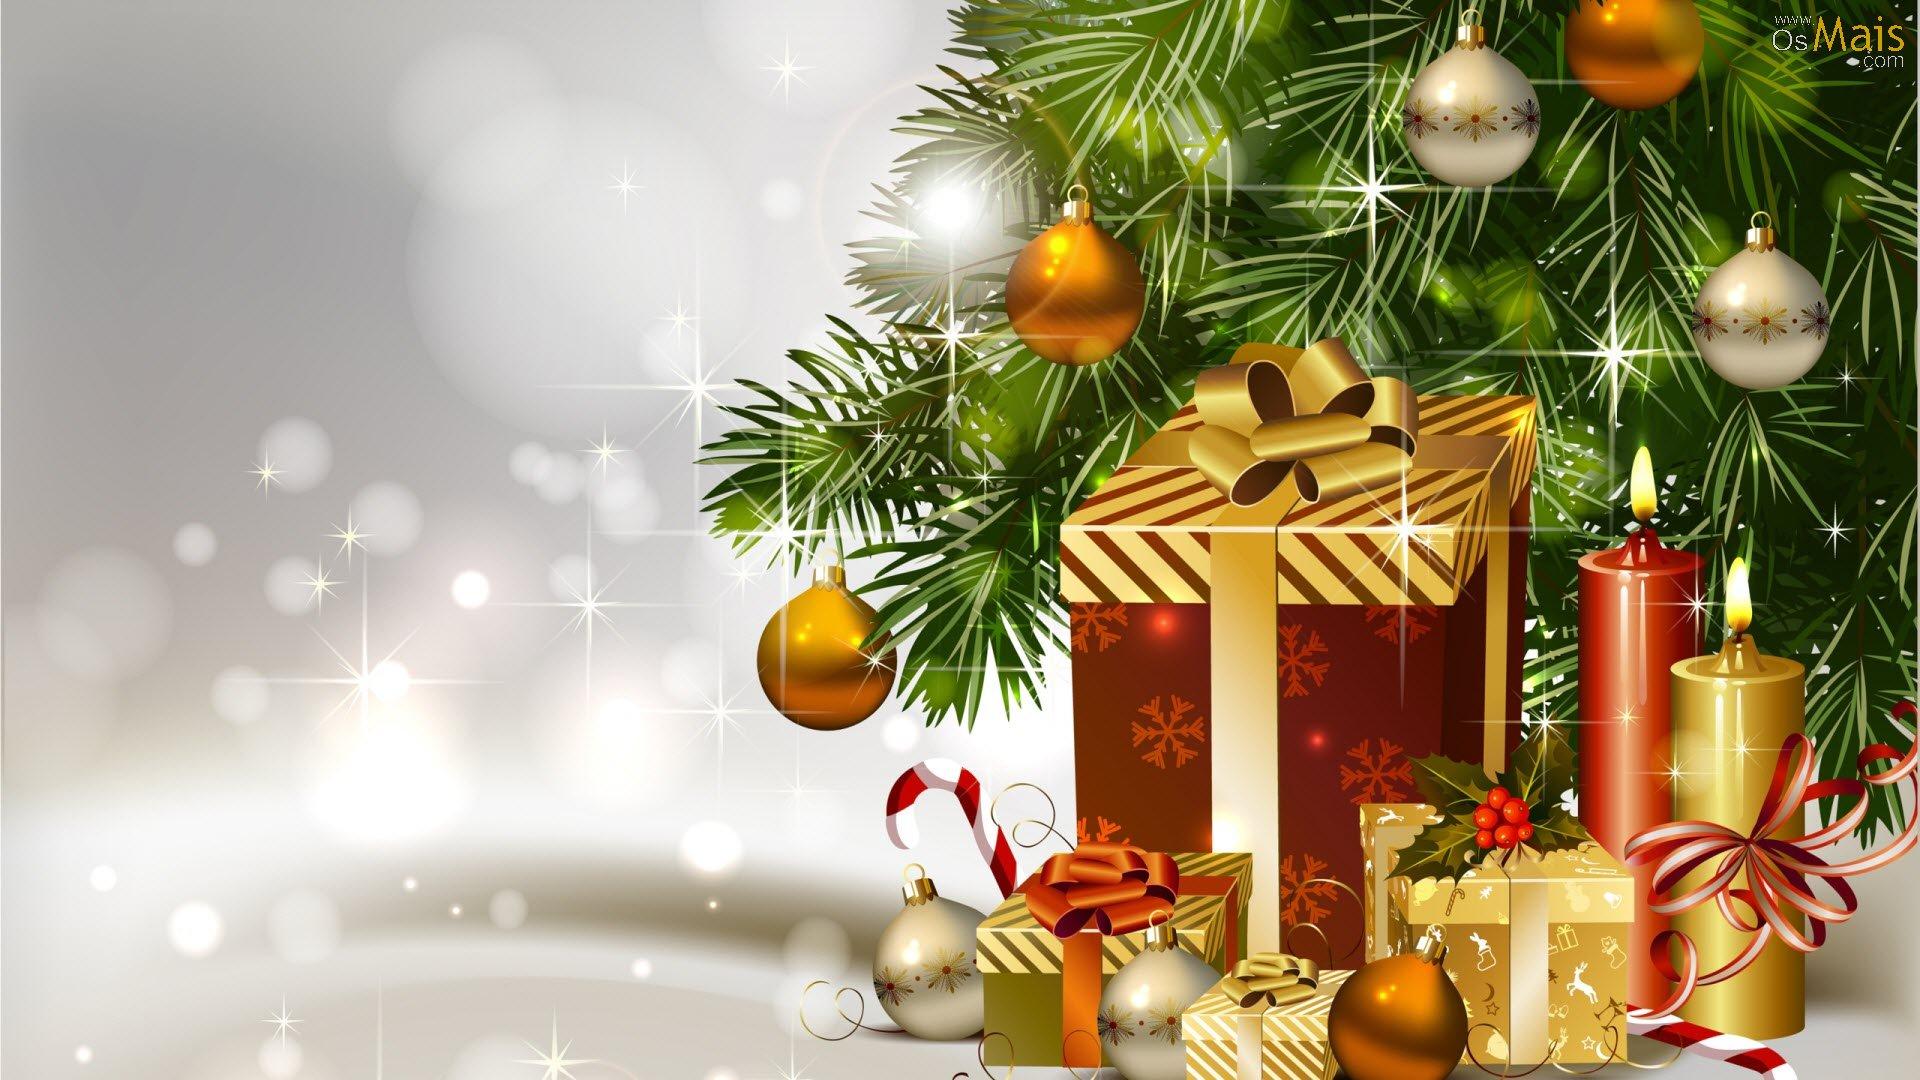 8 Lembrancinhas De Natal Para Educacao Infantil